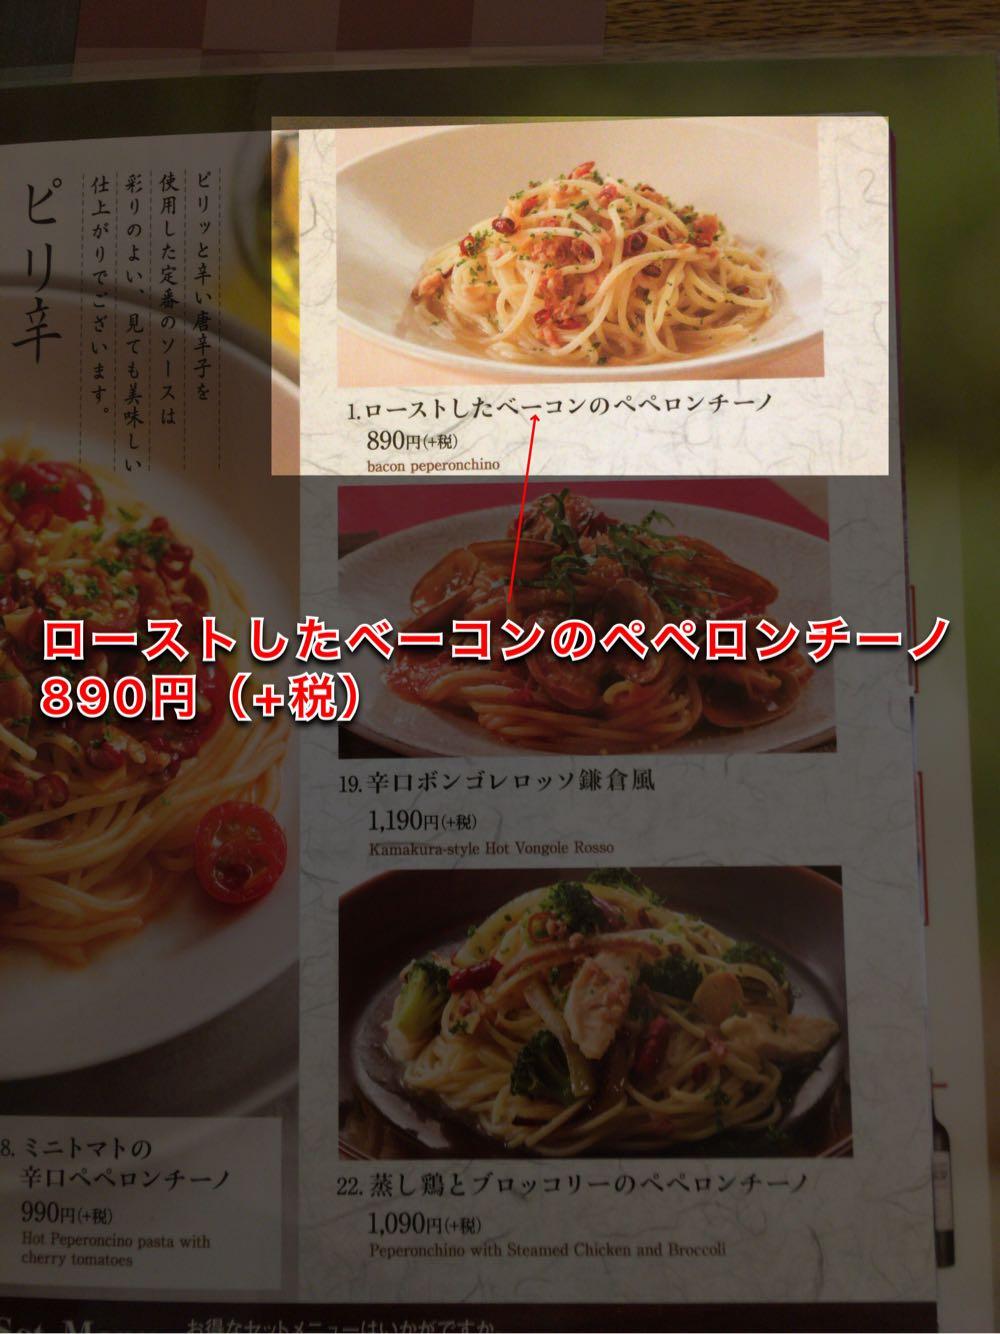 鎌倉パスタ北加賀屋店 メニュー